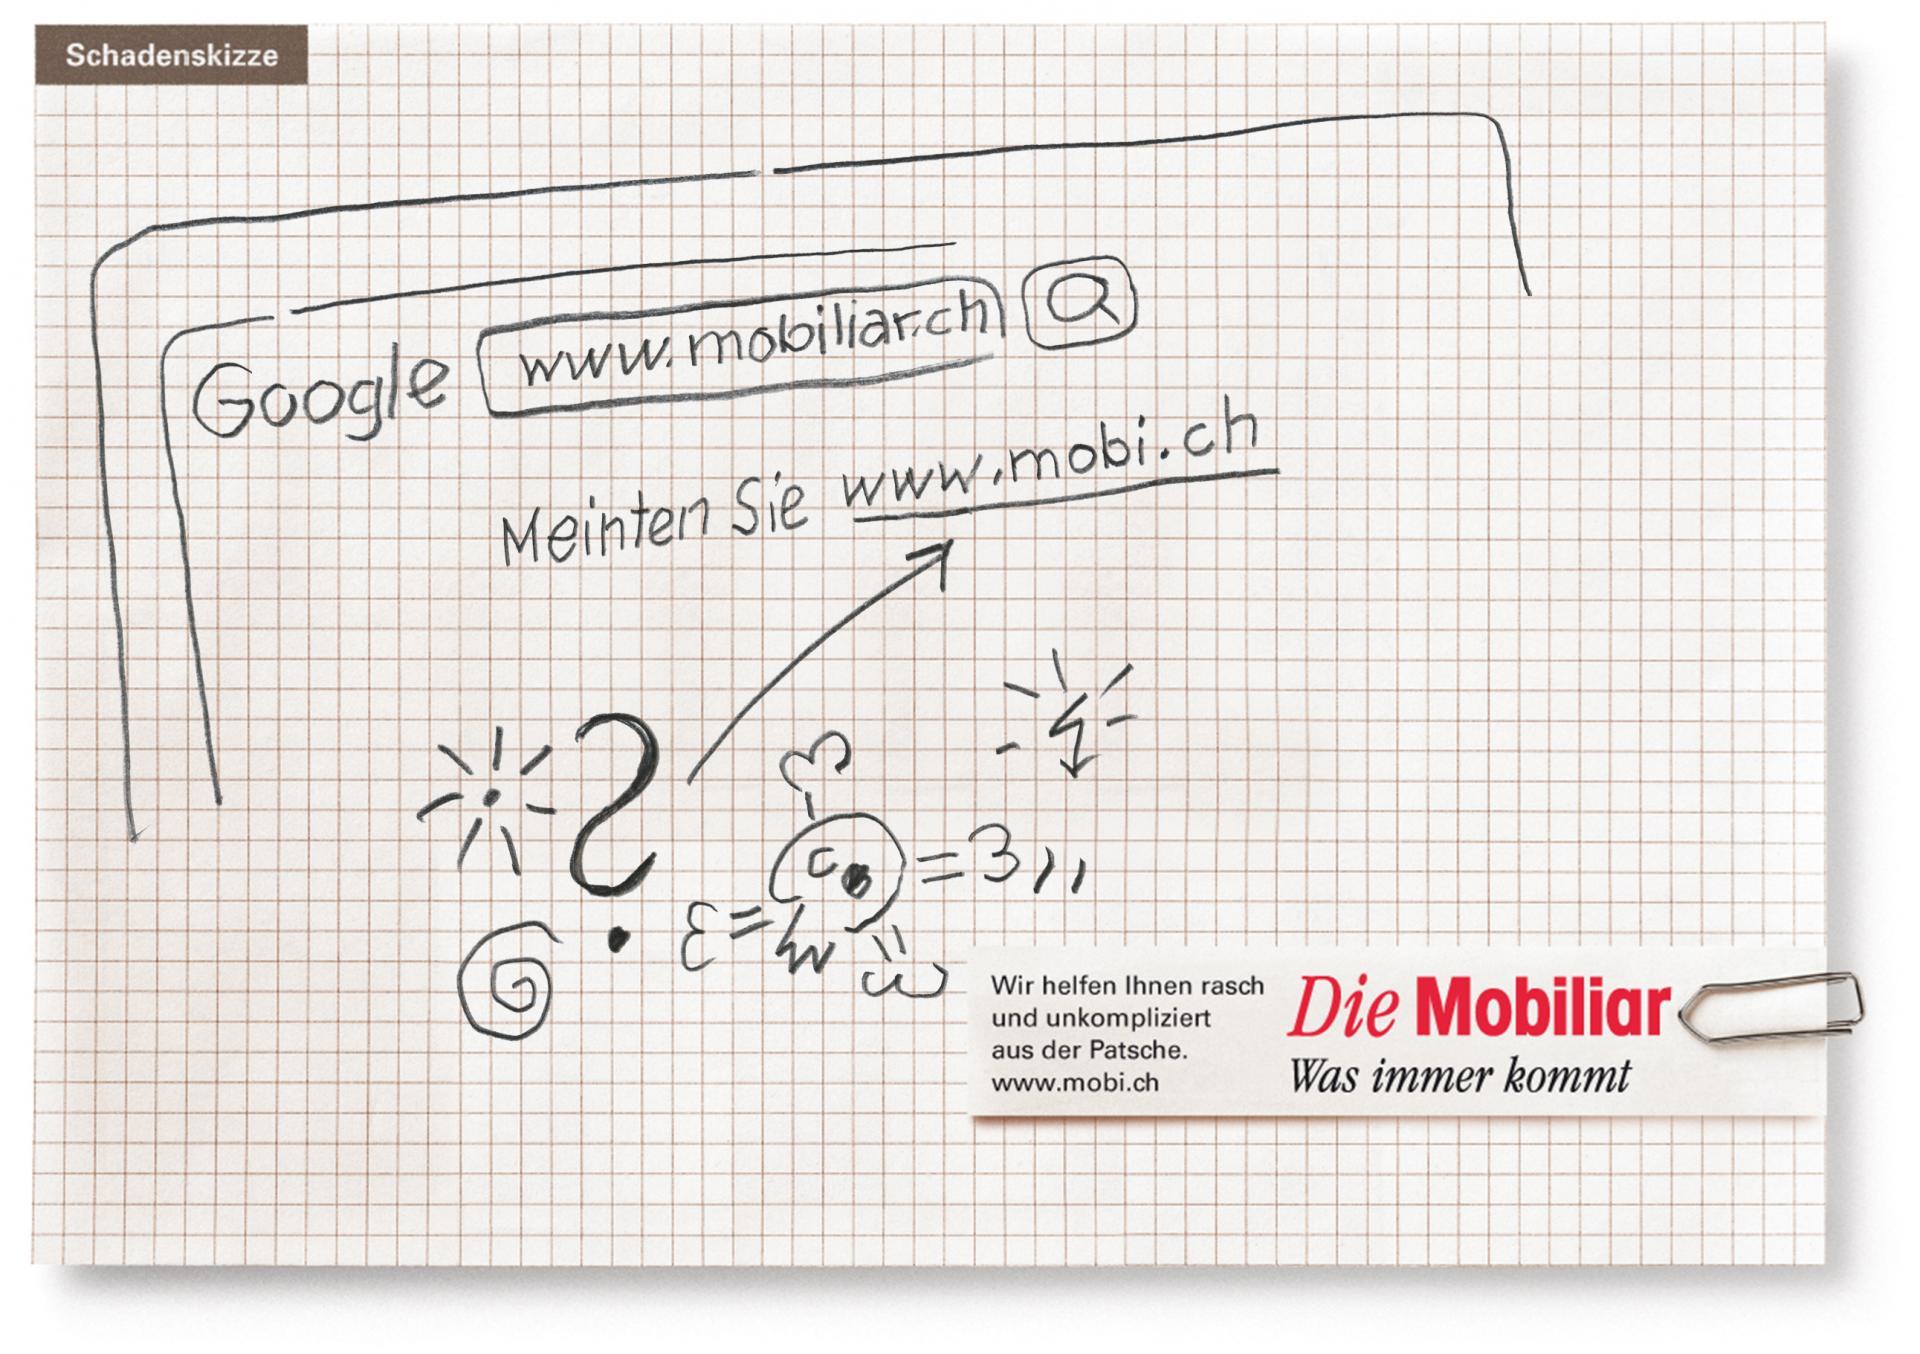 Schadensskizze Meinten-Sie-mobi.ch